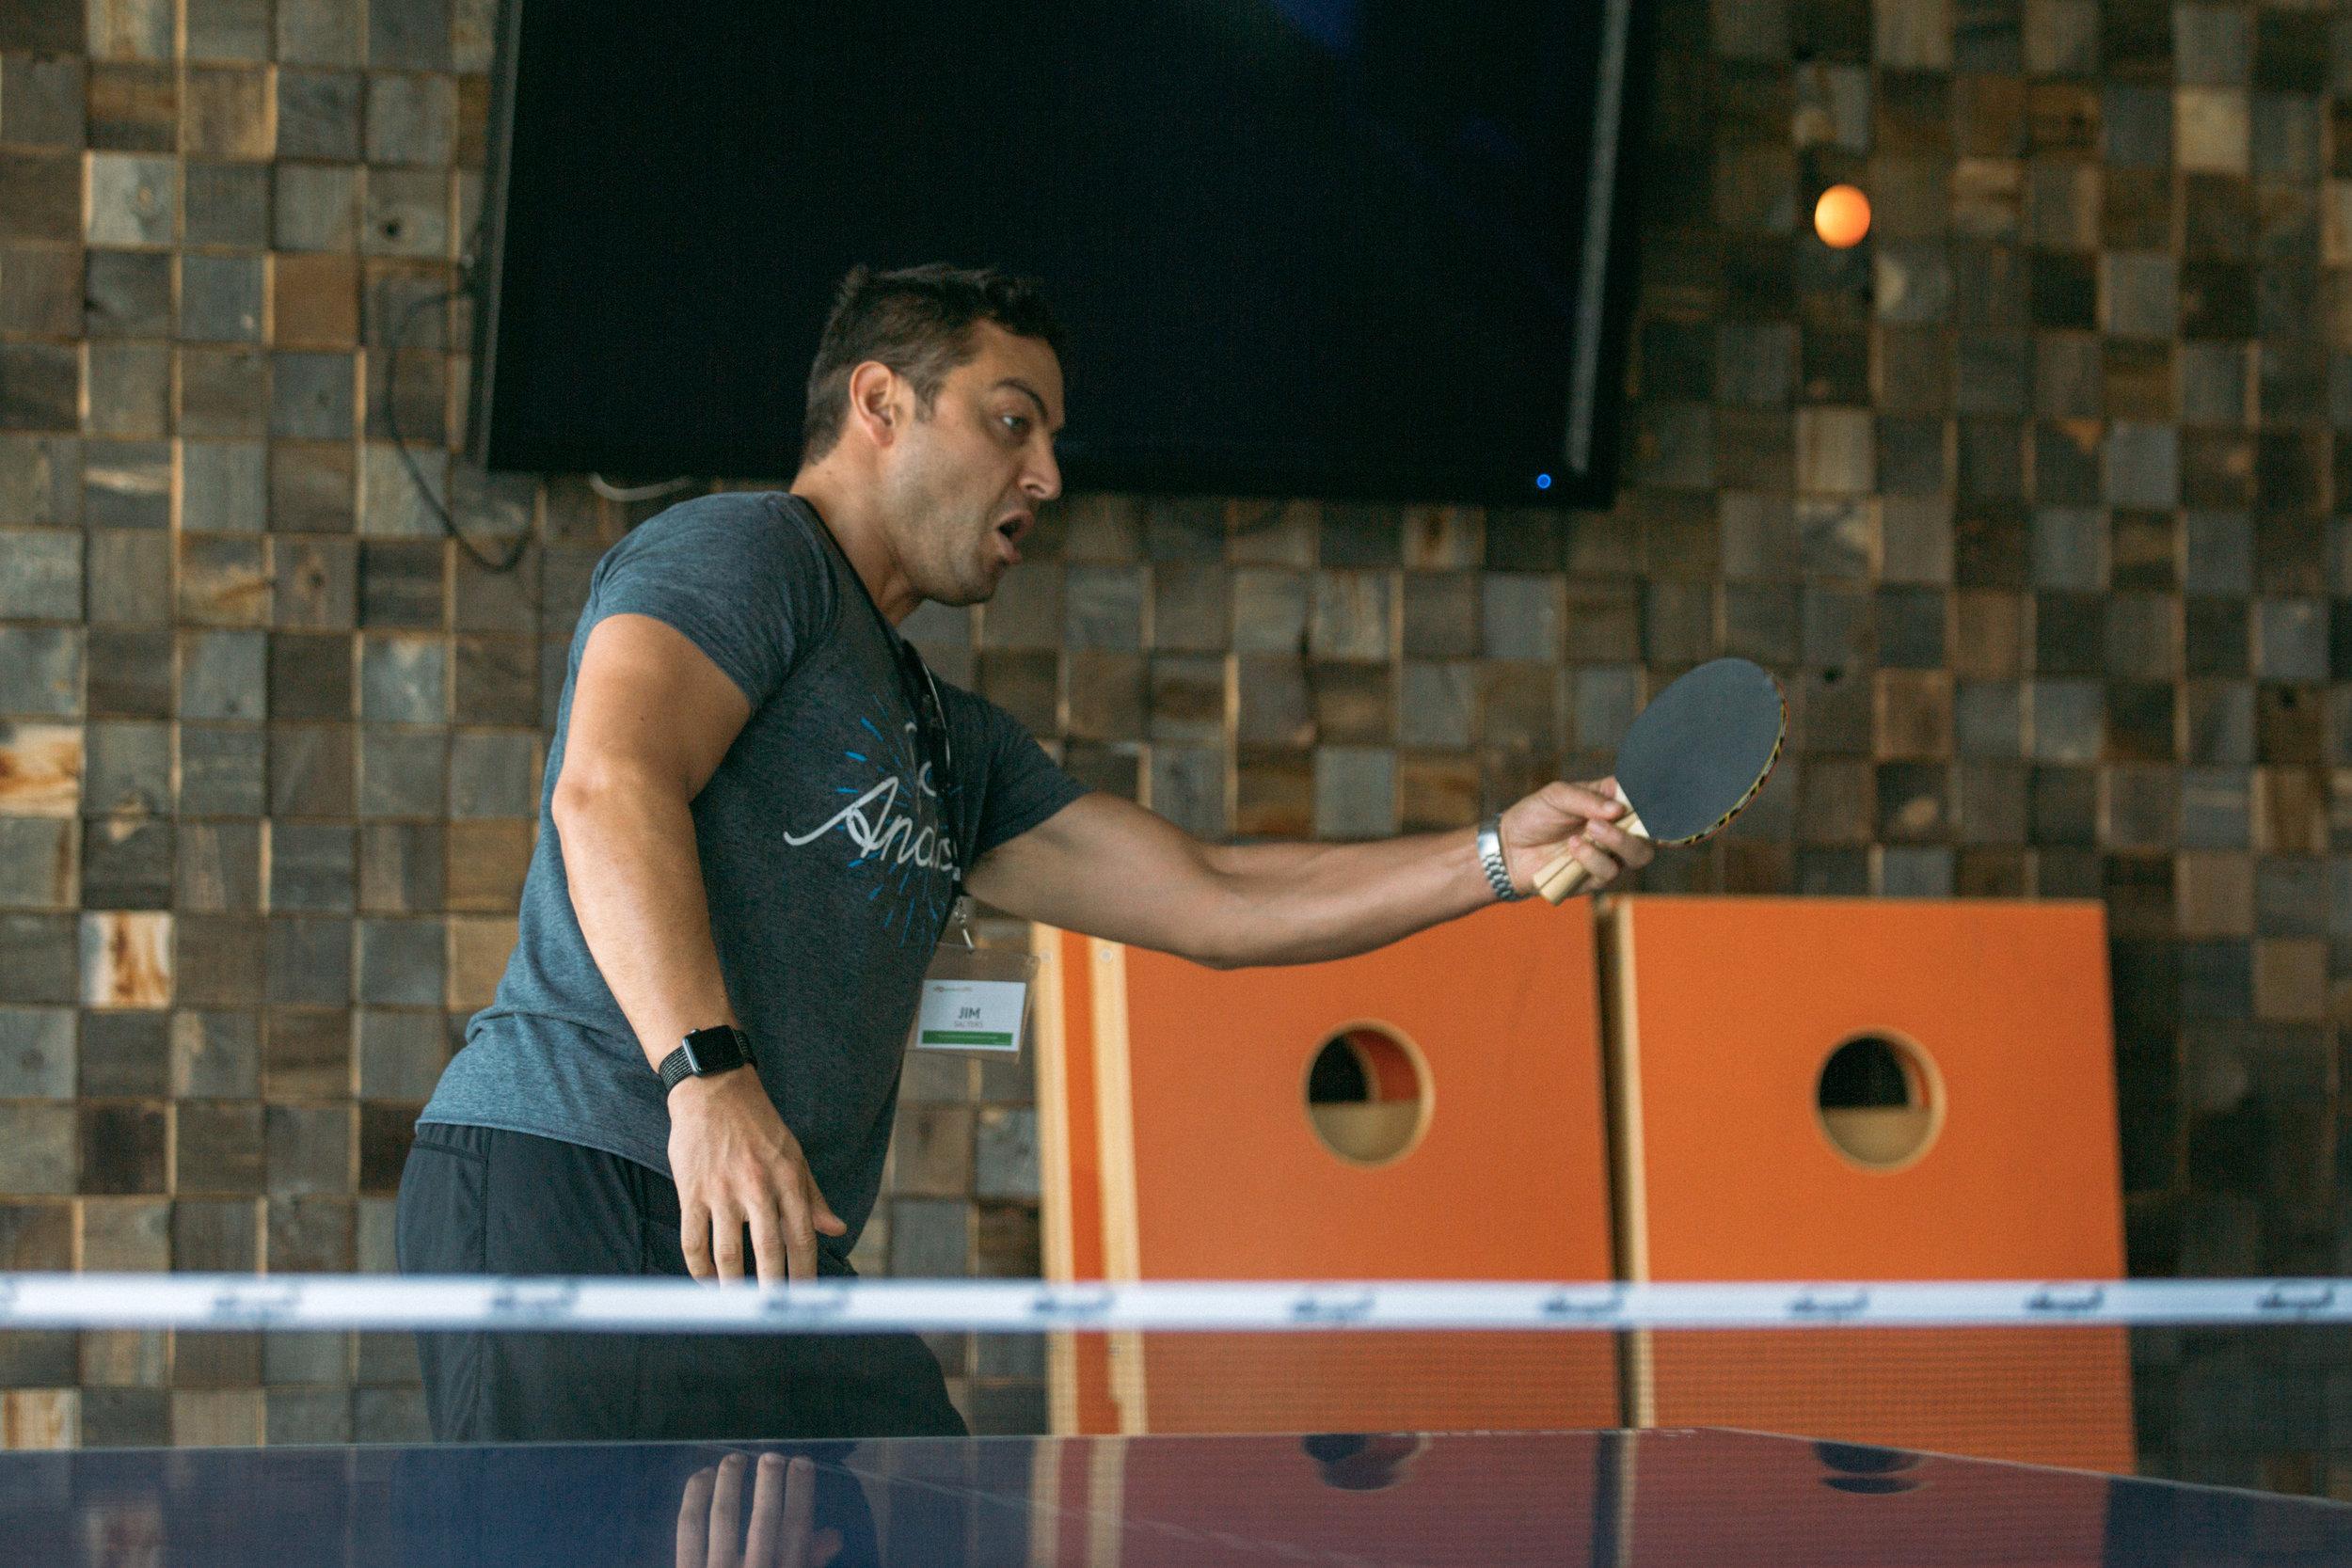 ProductCamp Cincinnati Jim Salters Ping Pong.JPG